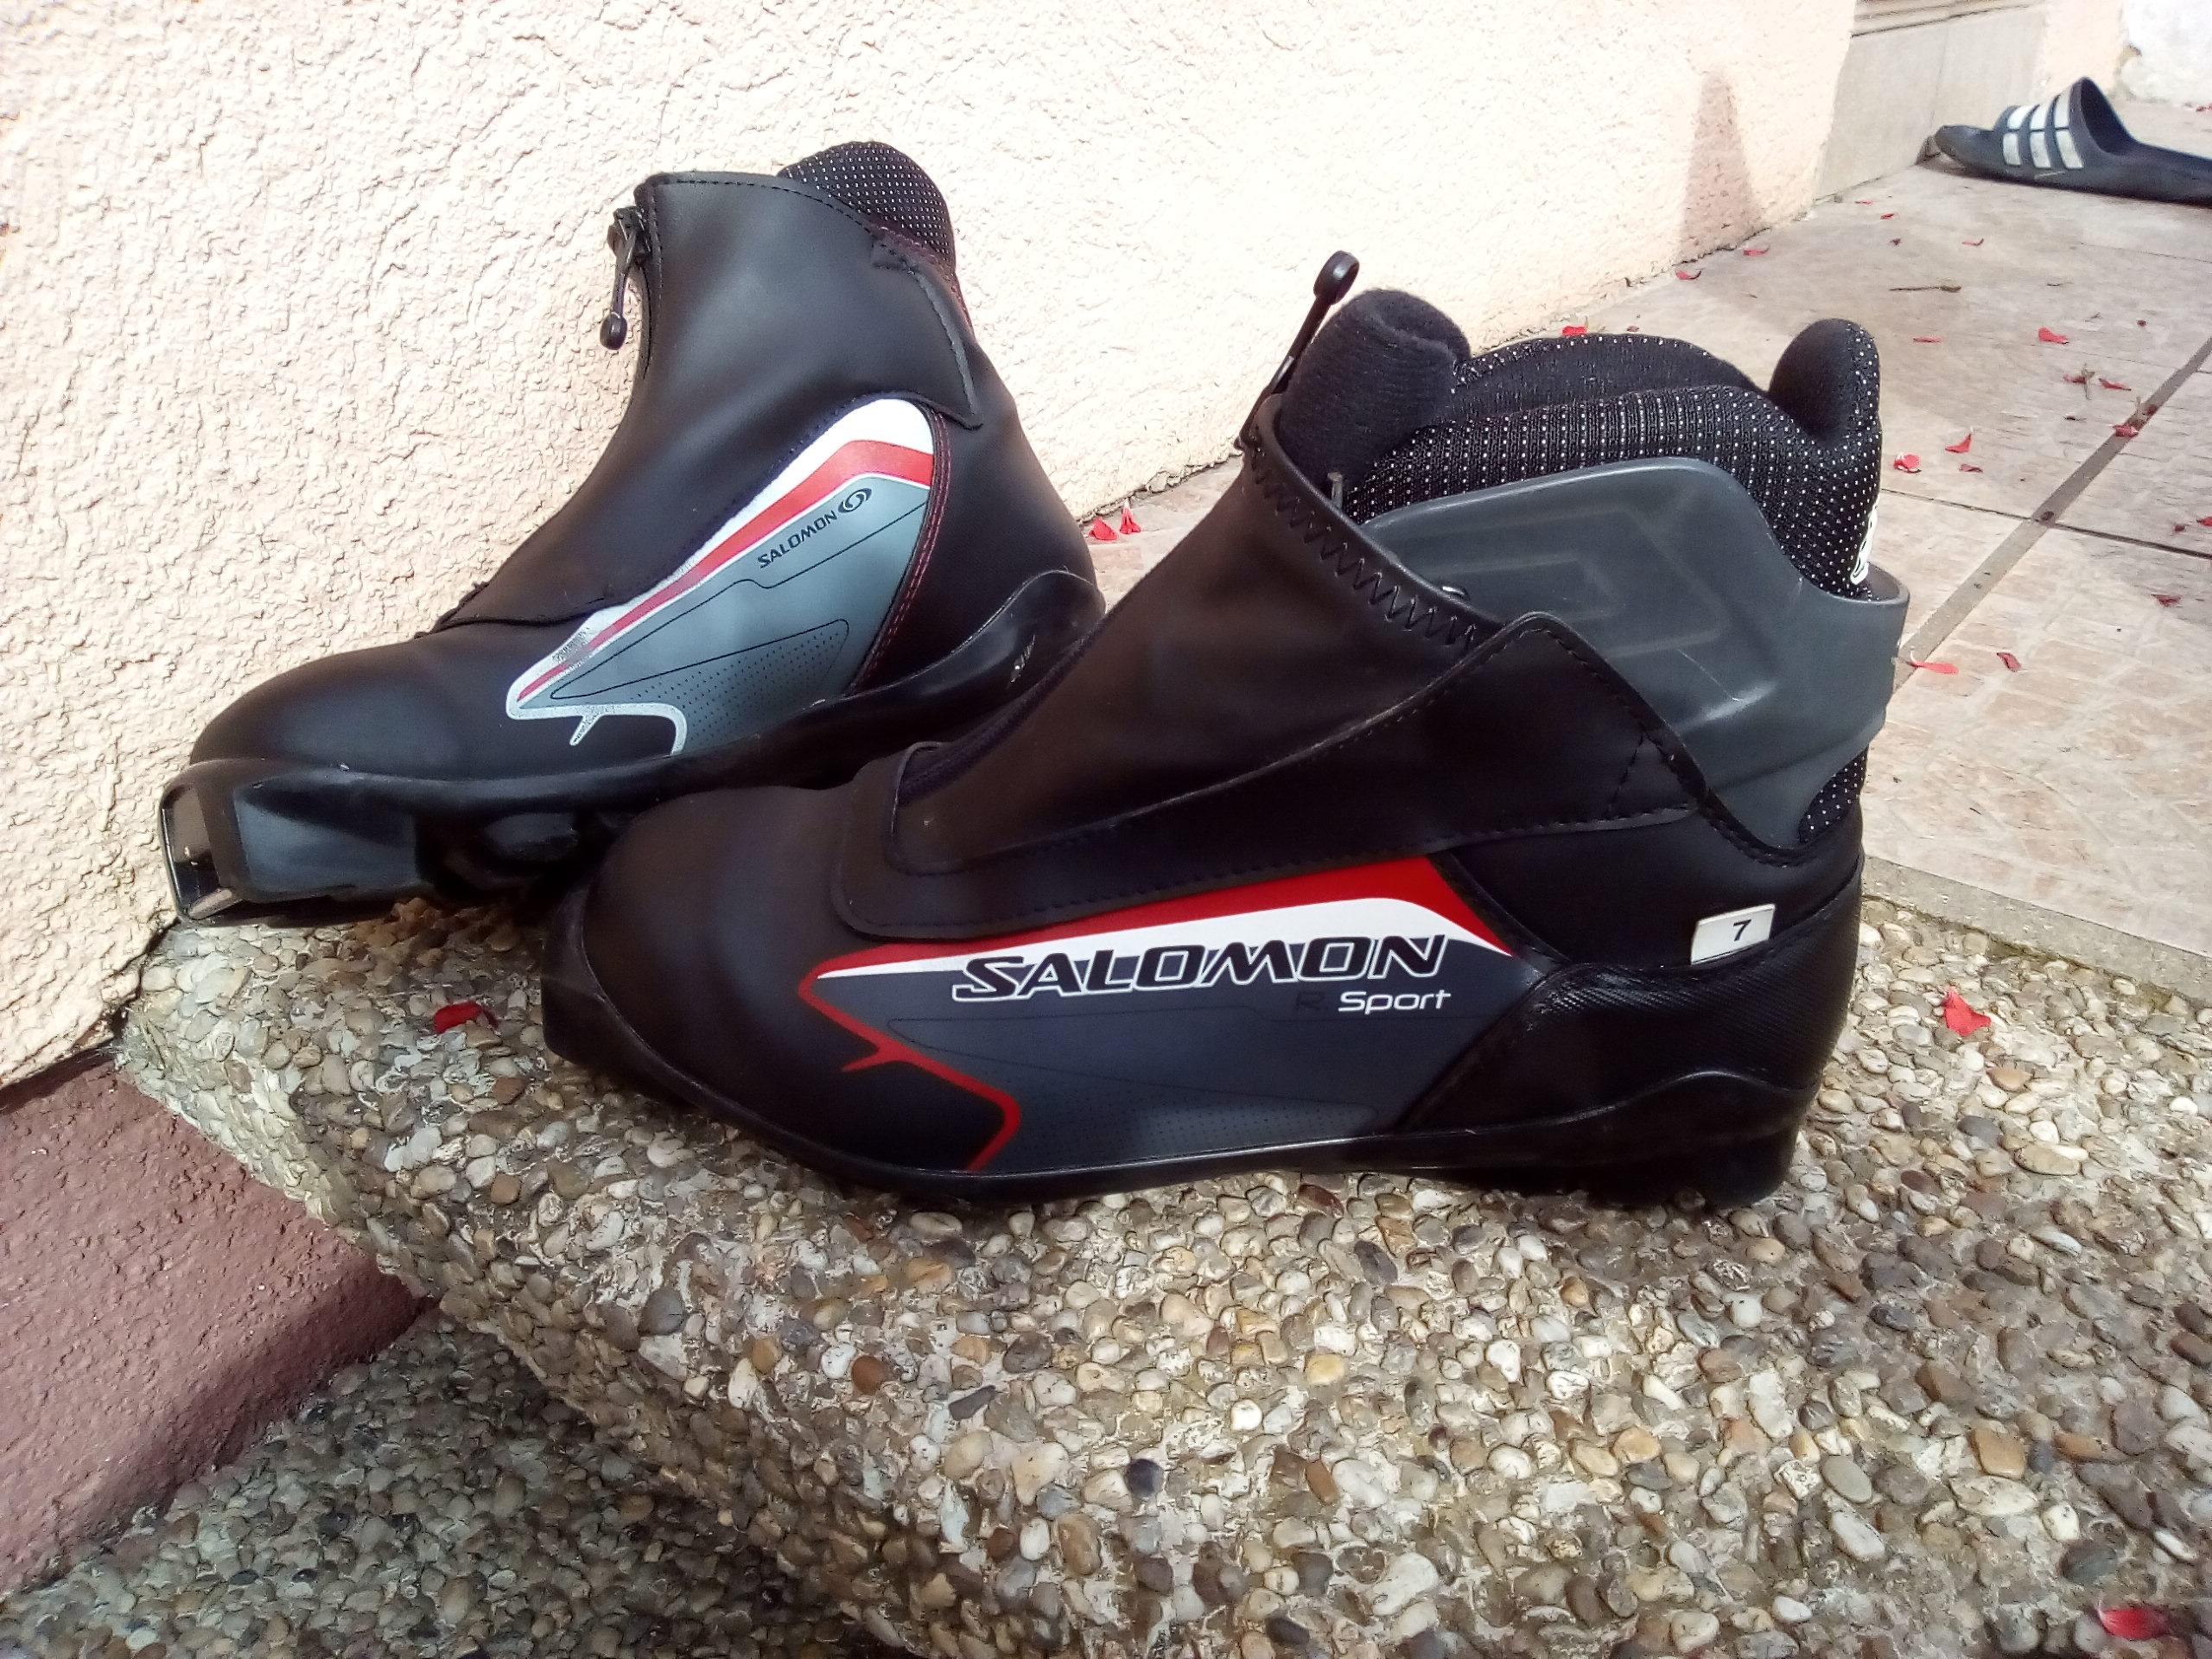 a8ae2c23efc boty na běžky - Bazar - Běžky.net